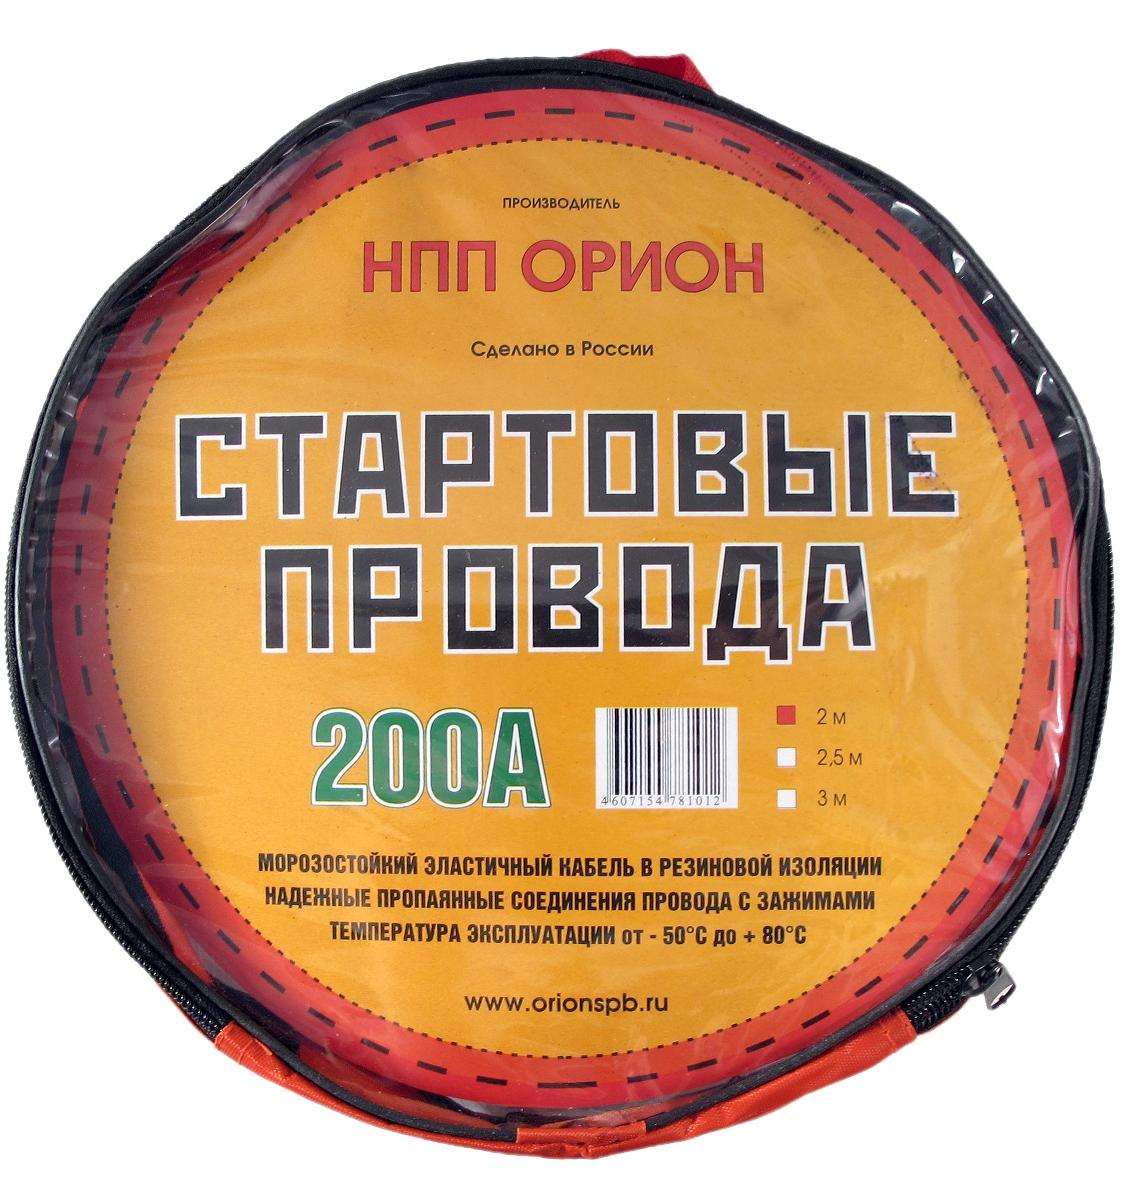 Стартовые провода Орион, хладостойкие, в сумке, 200А, 2 м5036НАЗНАЧЕНИЕ Стартовые провода предназначены для соединения одноименных клемм аккумуляторов автомобилей для того, чтобы осуществить дополнительную подпитку стартера в автомобиле с разряженной аккумуляторной батареей или загустевшим от мороза маслом. Применяются для запуска двигателей легковых и грузовых автомобилей при низкой температуре воздуха в холодное время года, а также после длительного хранения автомобиля, вызвавшего саморазряд аккумуляторной батареи. ОСОБЕННОСТИ -Морозостойкий эластичный кабель в резиновой изоляции -Многожильный медный проводник -Полностью изолированные зажимы -Надежные пропаянные соединения провода с зажимами -Температура эксплуатации от - 50° С до + 80° С 200 А........2 м; 2,5 м; 3 м